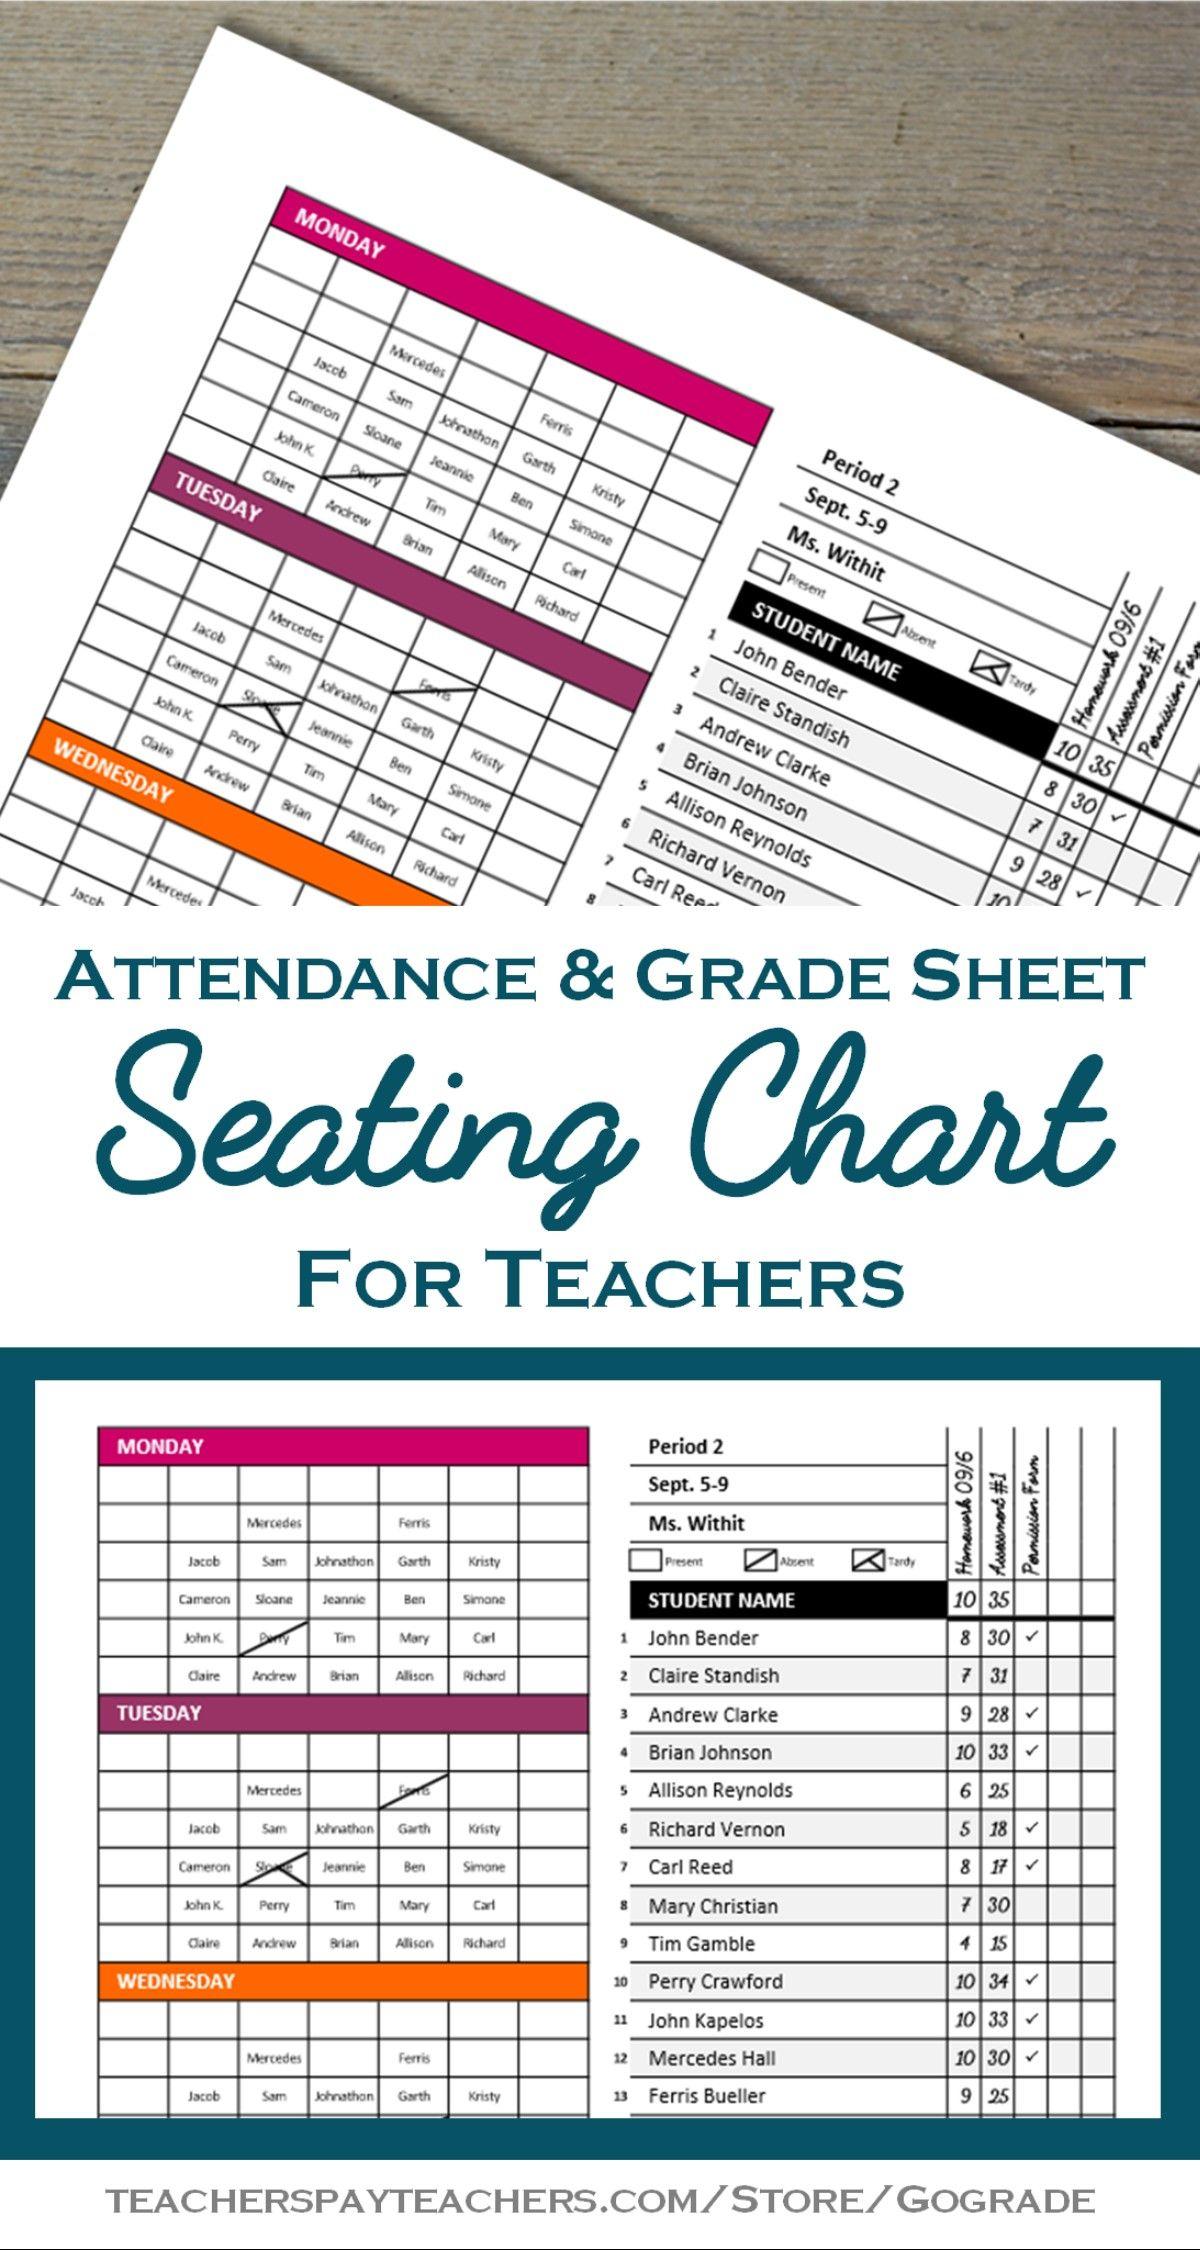 teacher grade sheet template - Vatoz.atozdevelopment.co